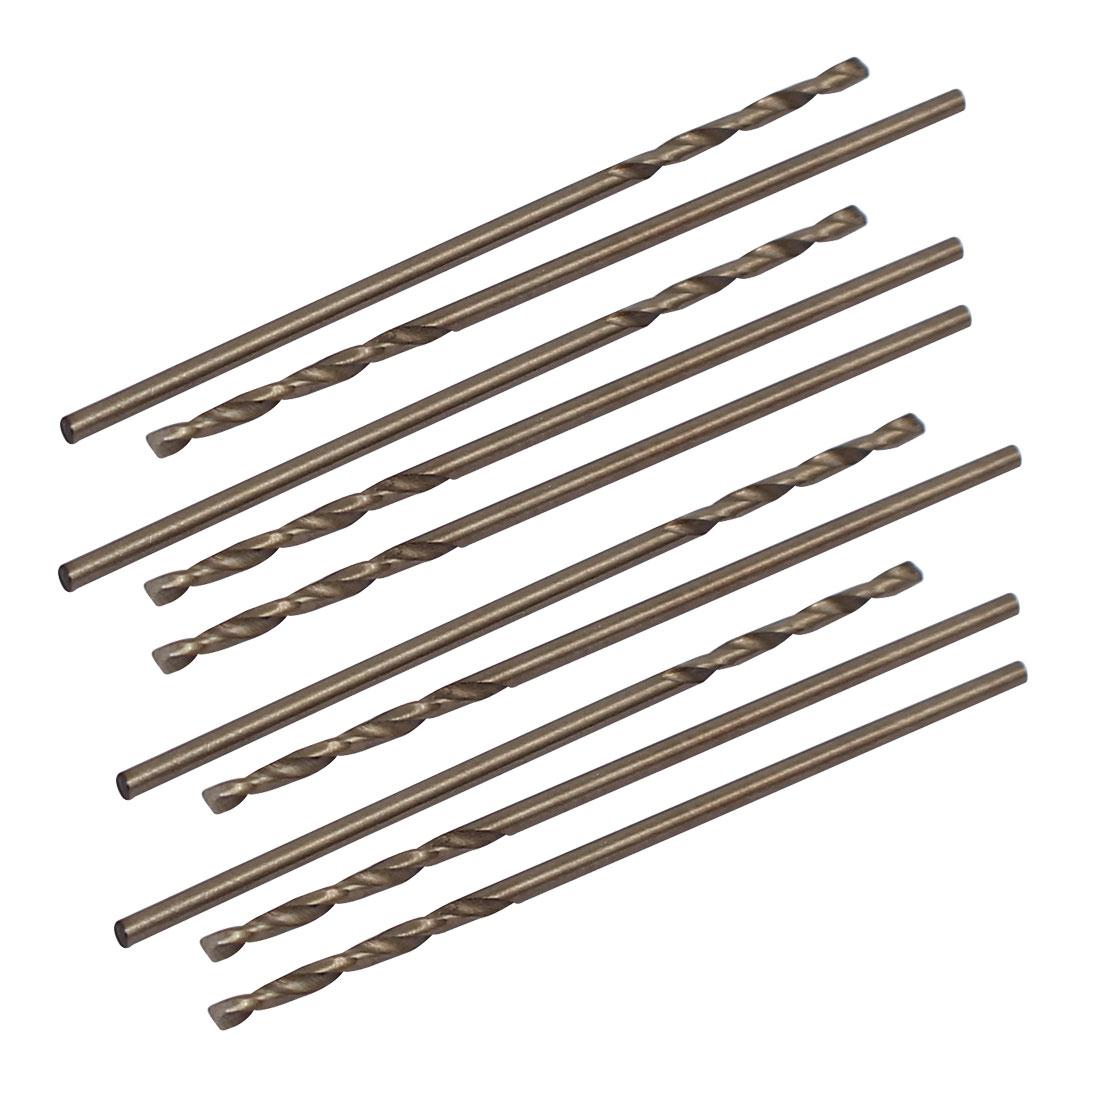 1mm Dia Split Point HSS Cobalt Metric Twist Drill Bit Drilling Tool 10pcs